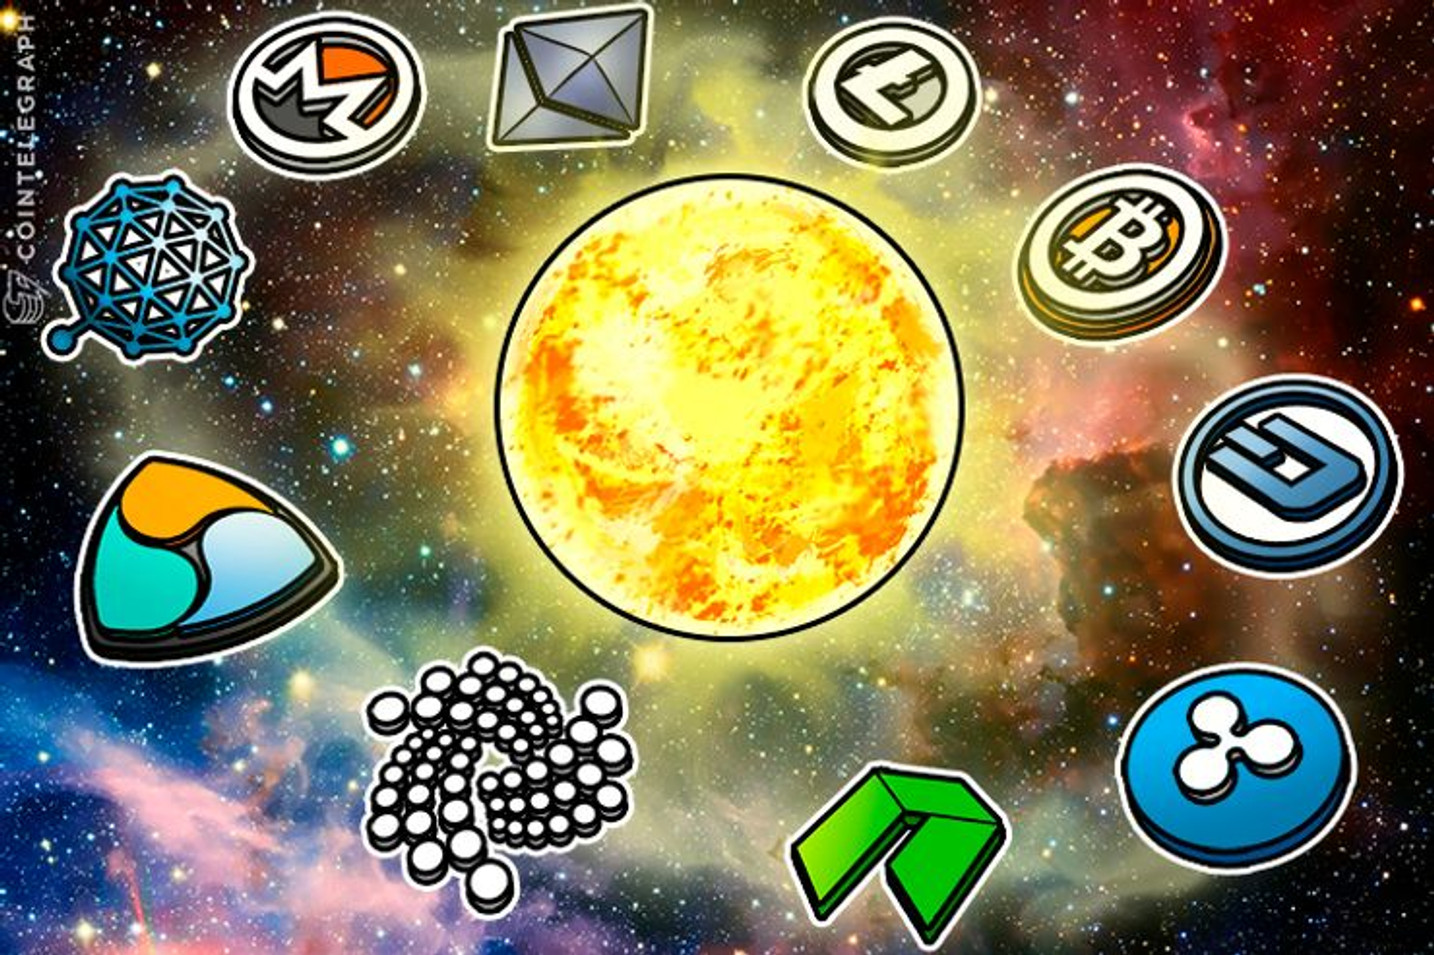 España: Fundador de Eurocoinpay afirma que las criptomonedas son el futuro del dinero